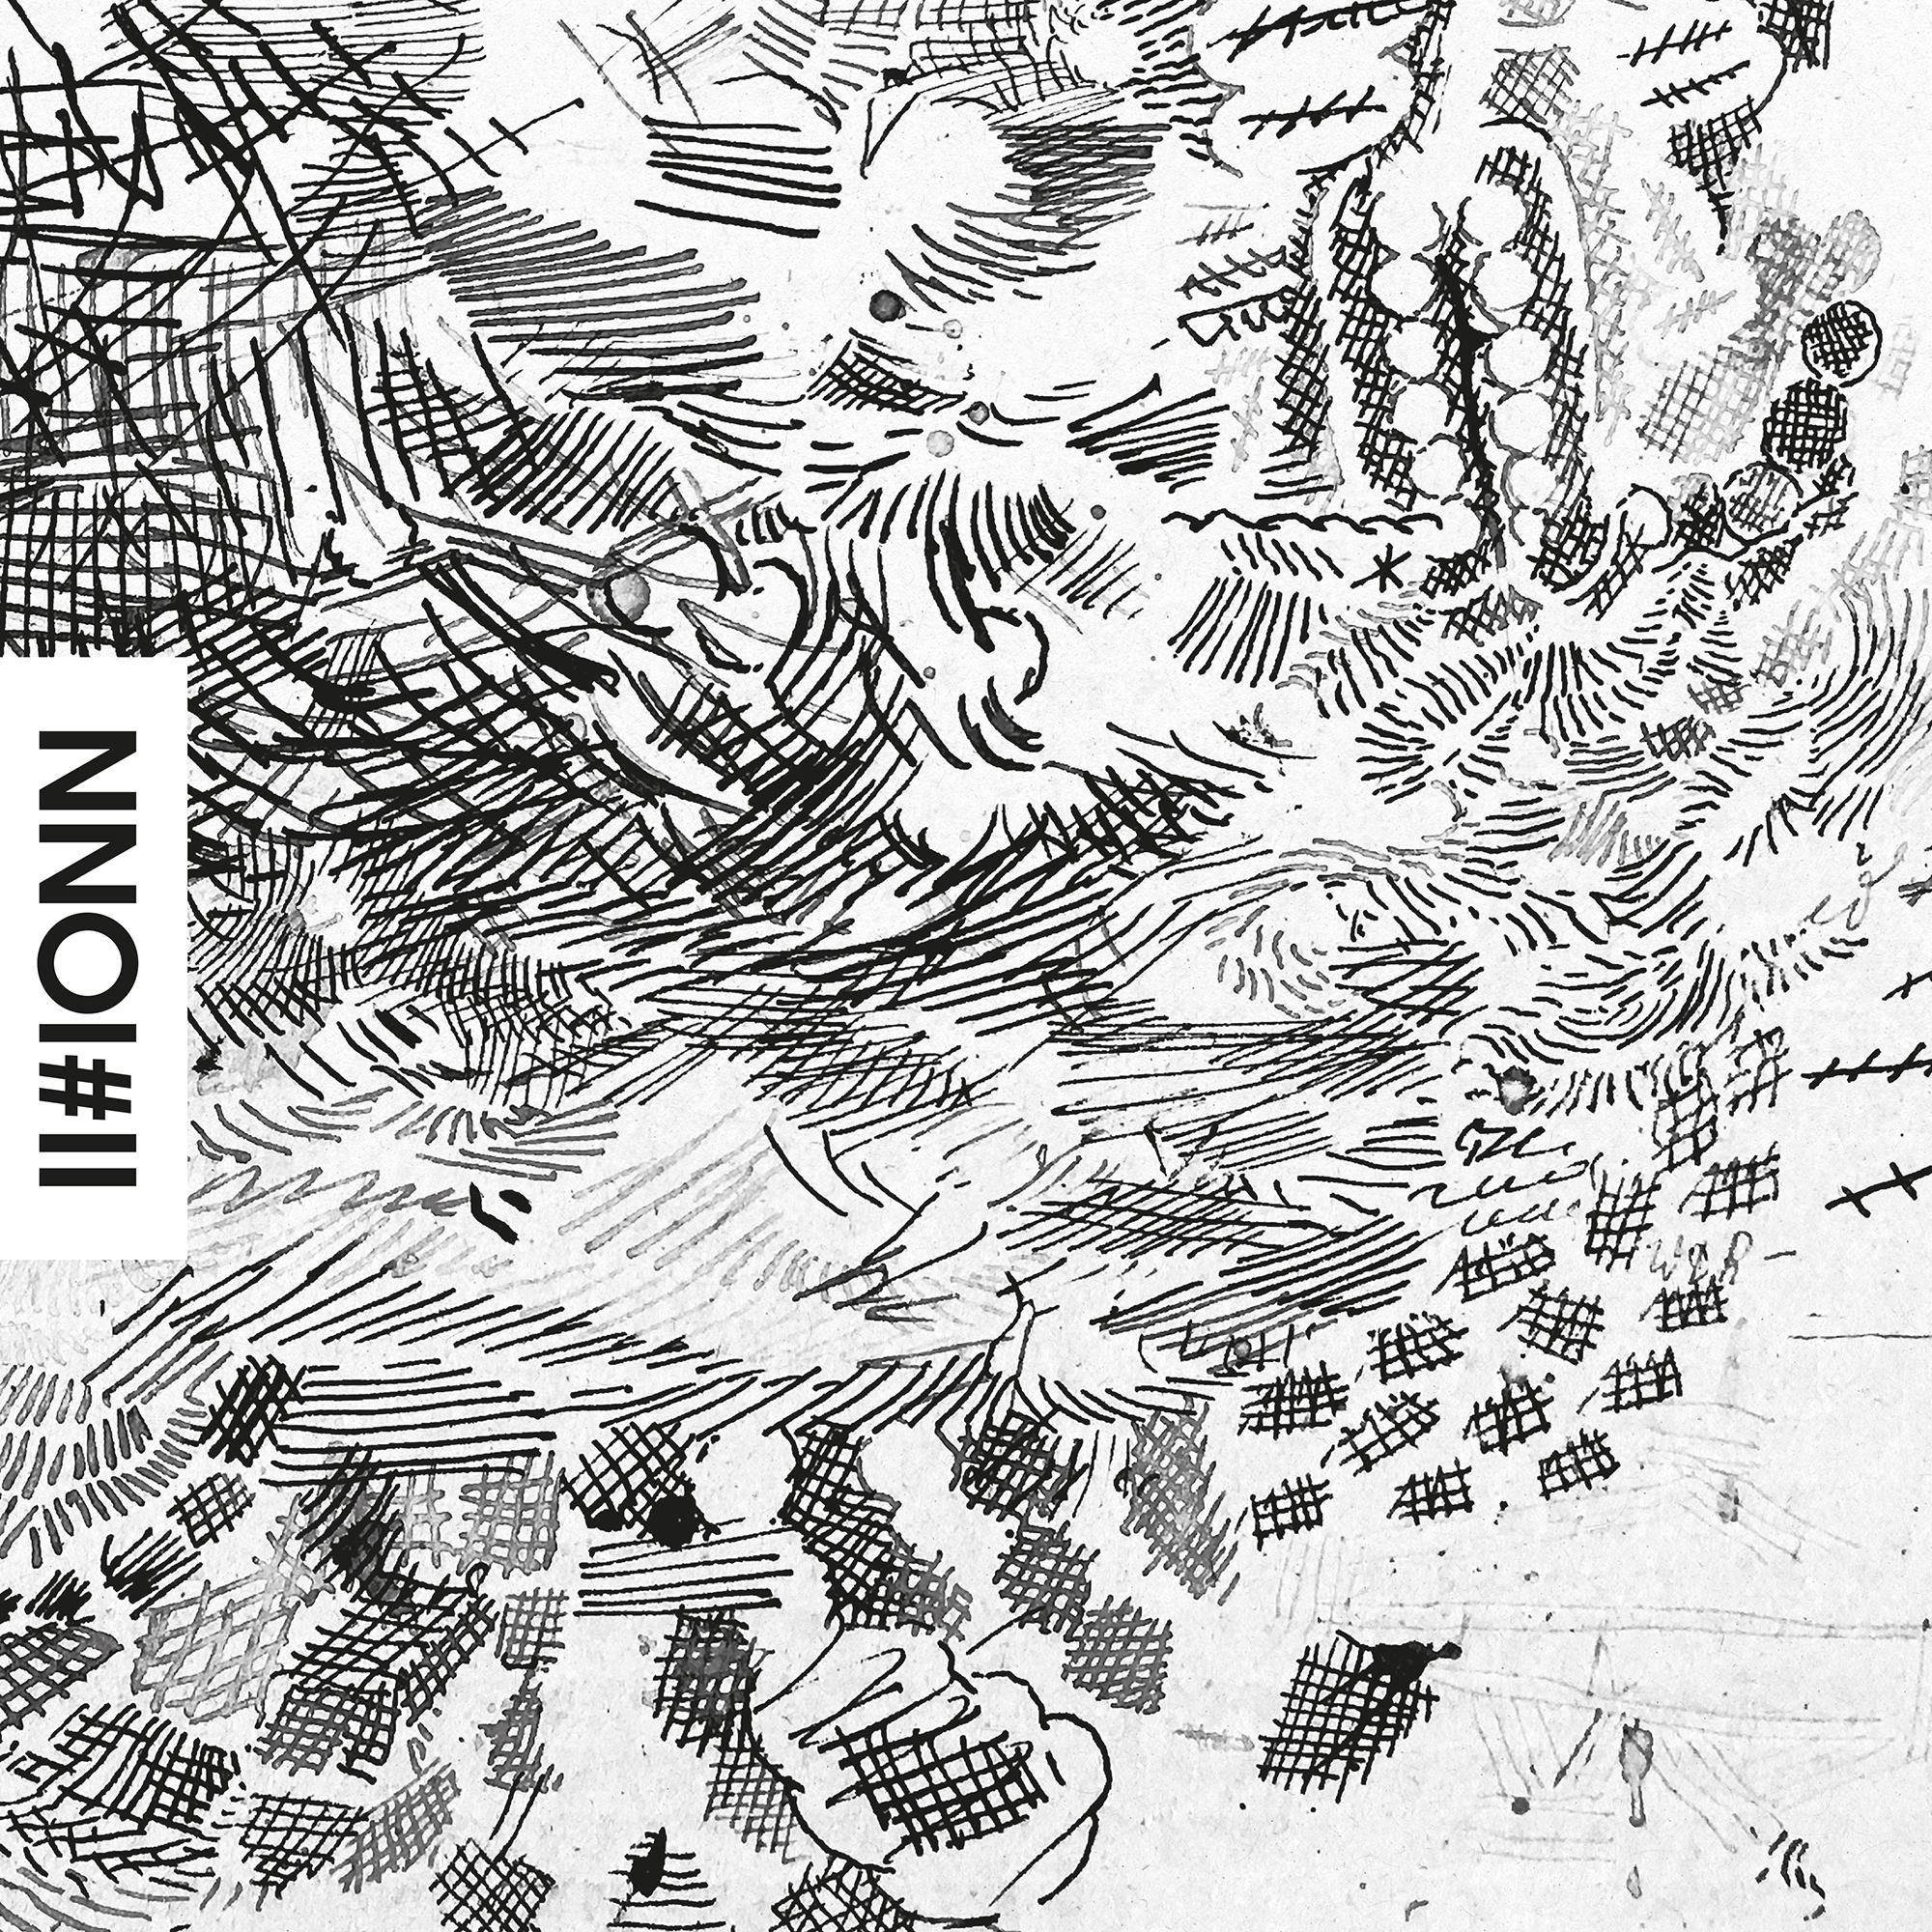 NNOI#2 - Asmus Tietchens/Frieder Butzmann